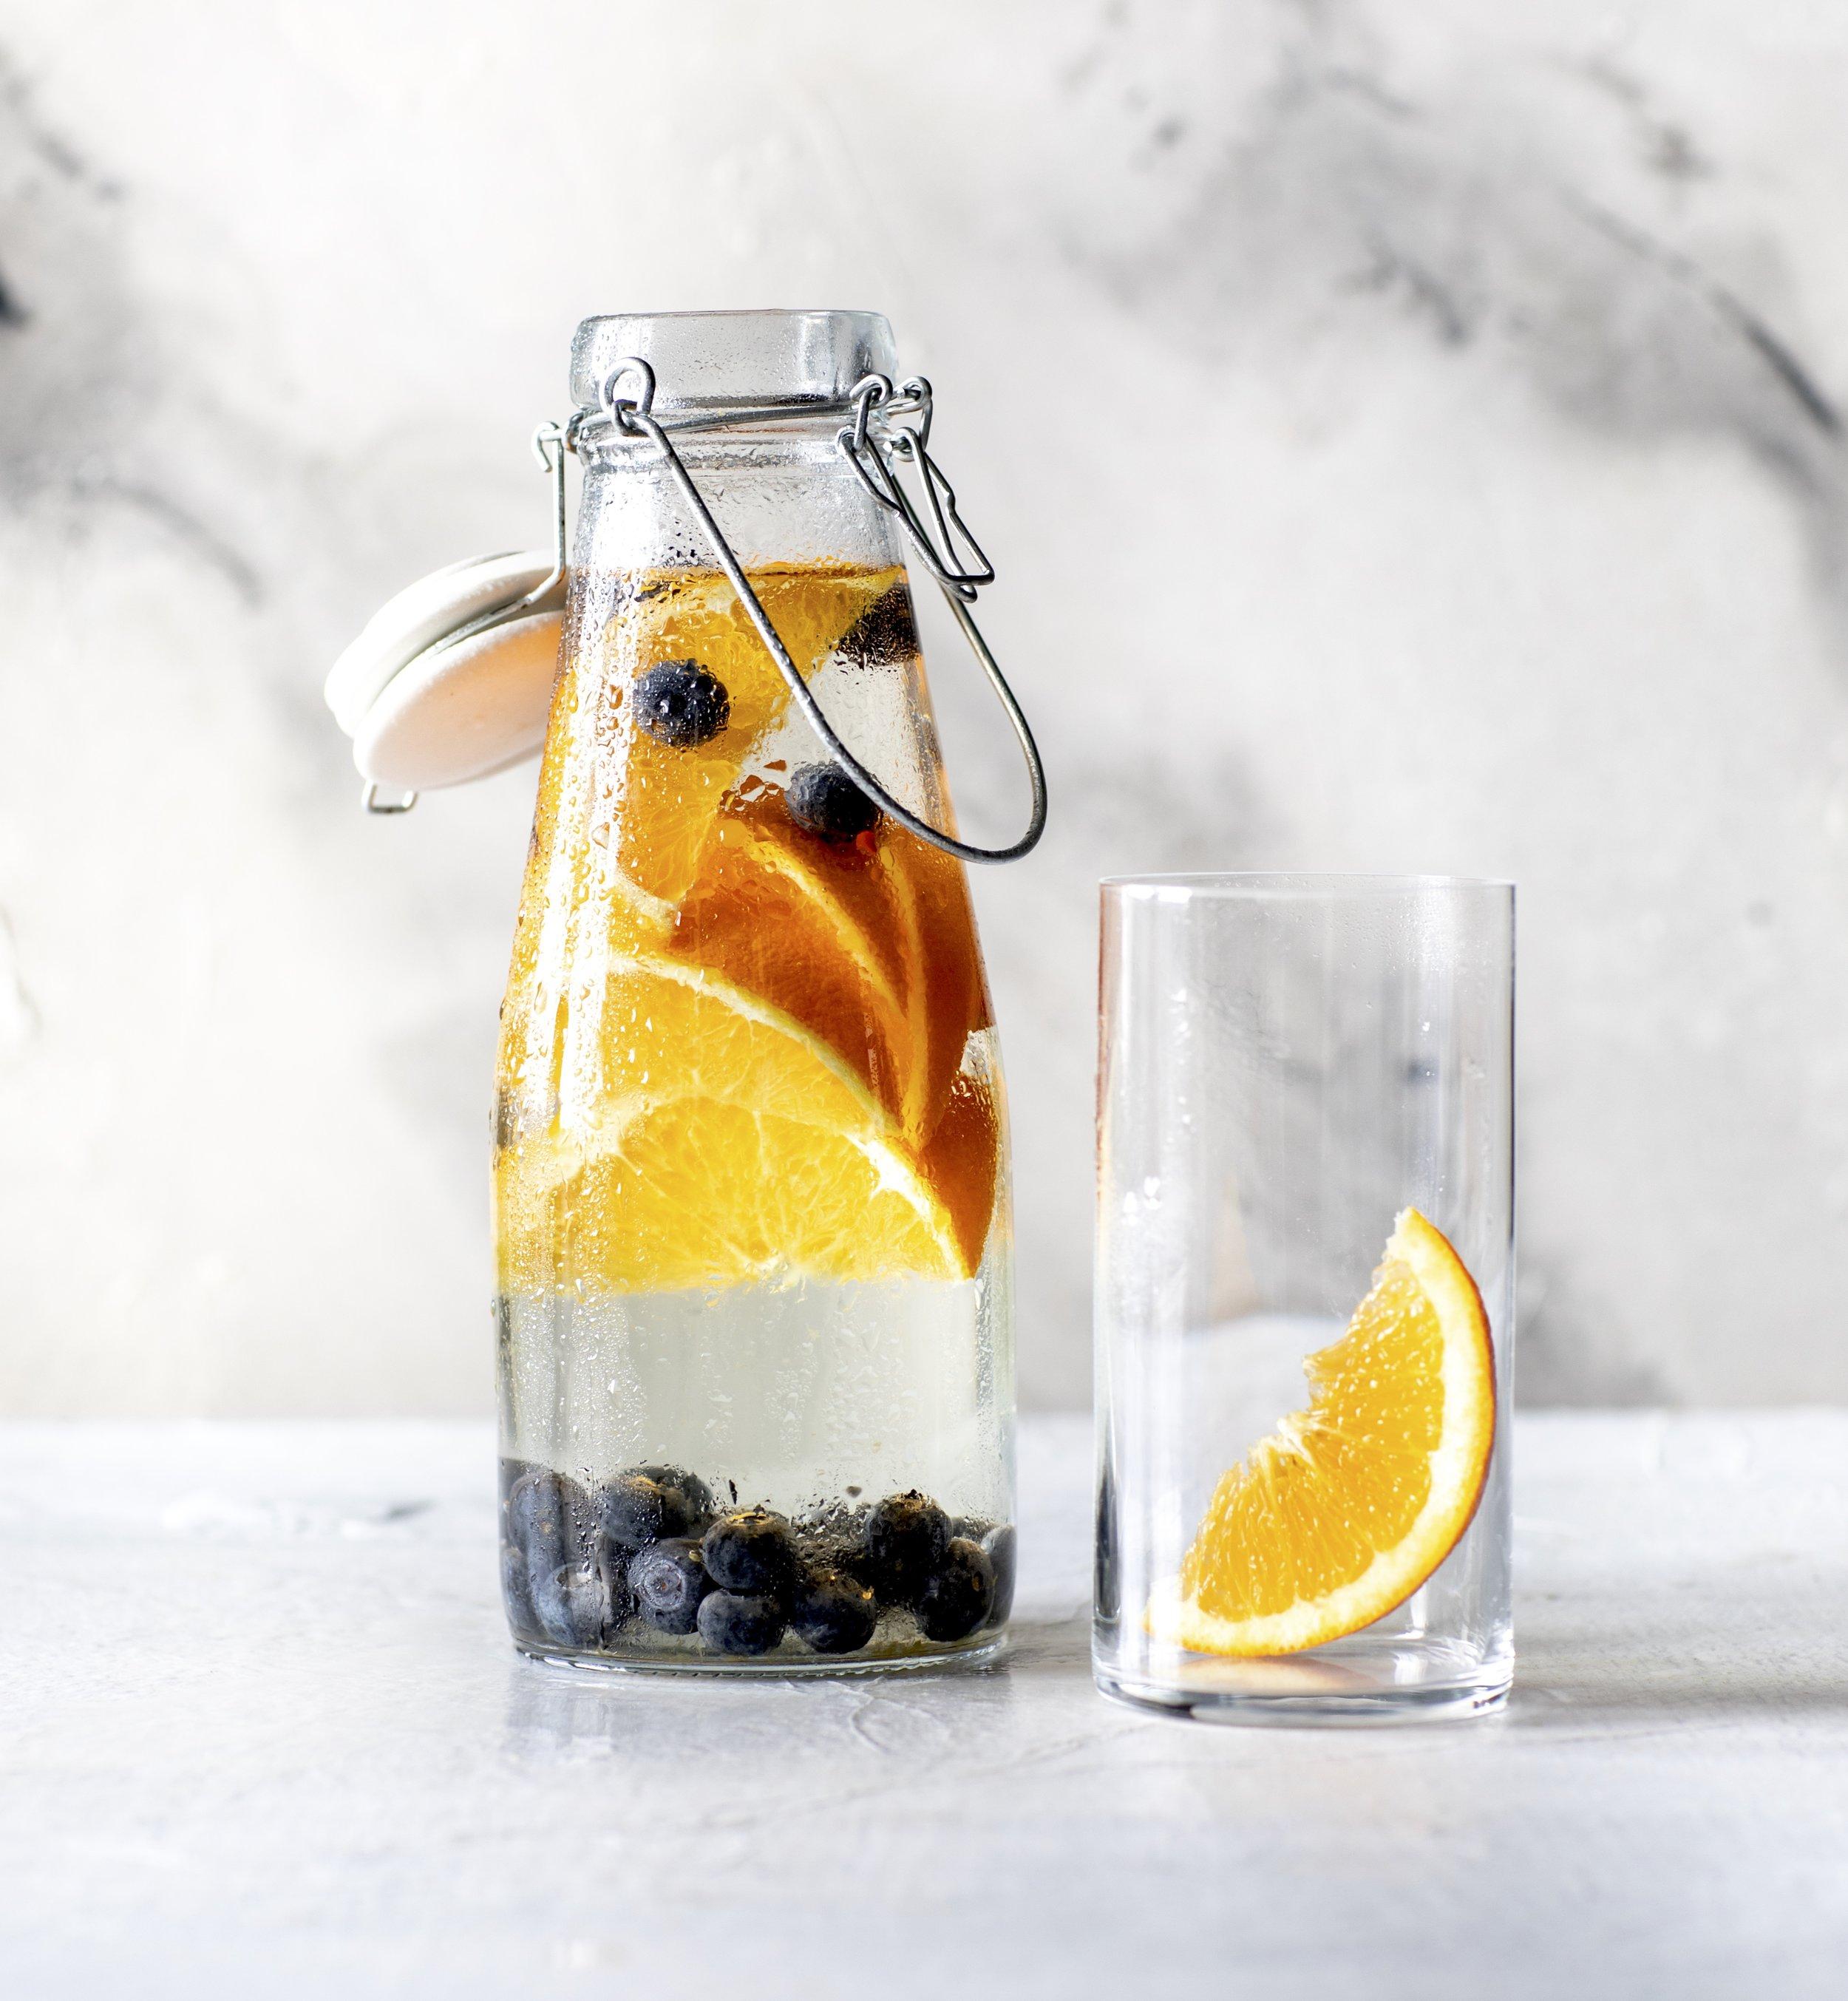 045_2 Heidelbeer-Orangen-Wasser copy 2.jpg